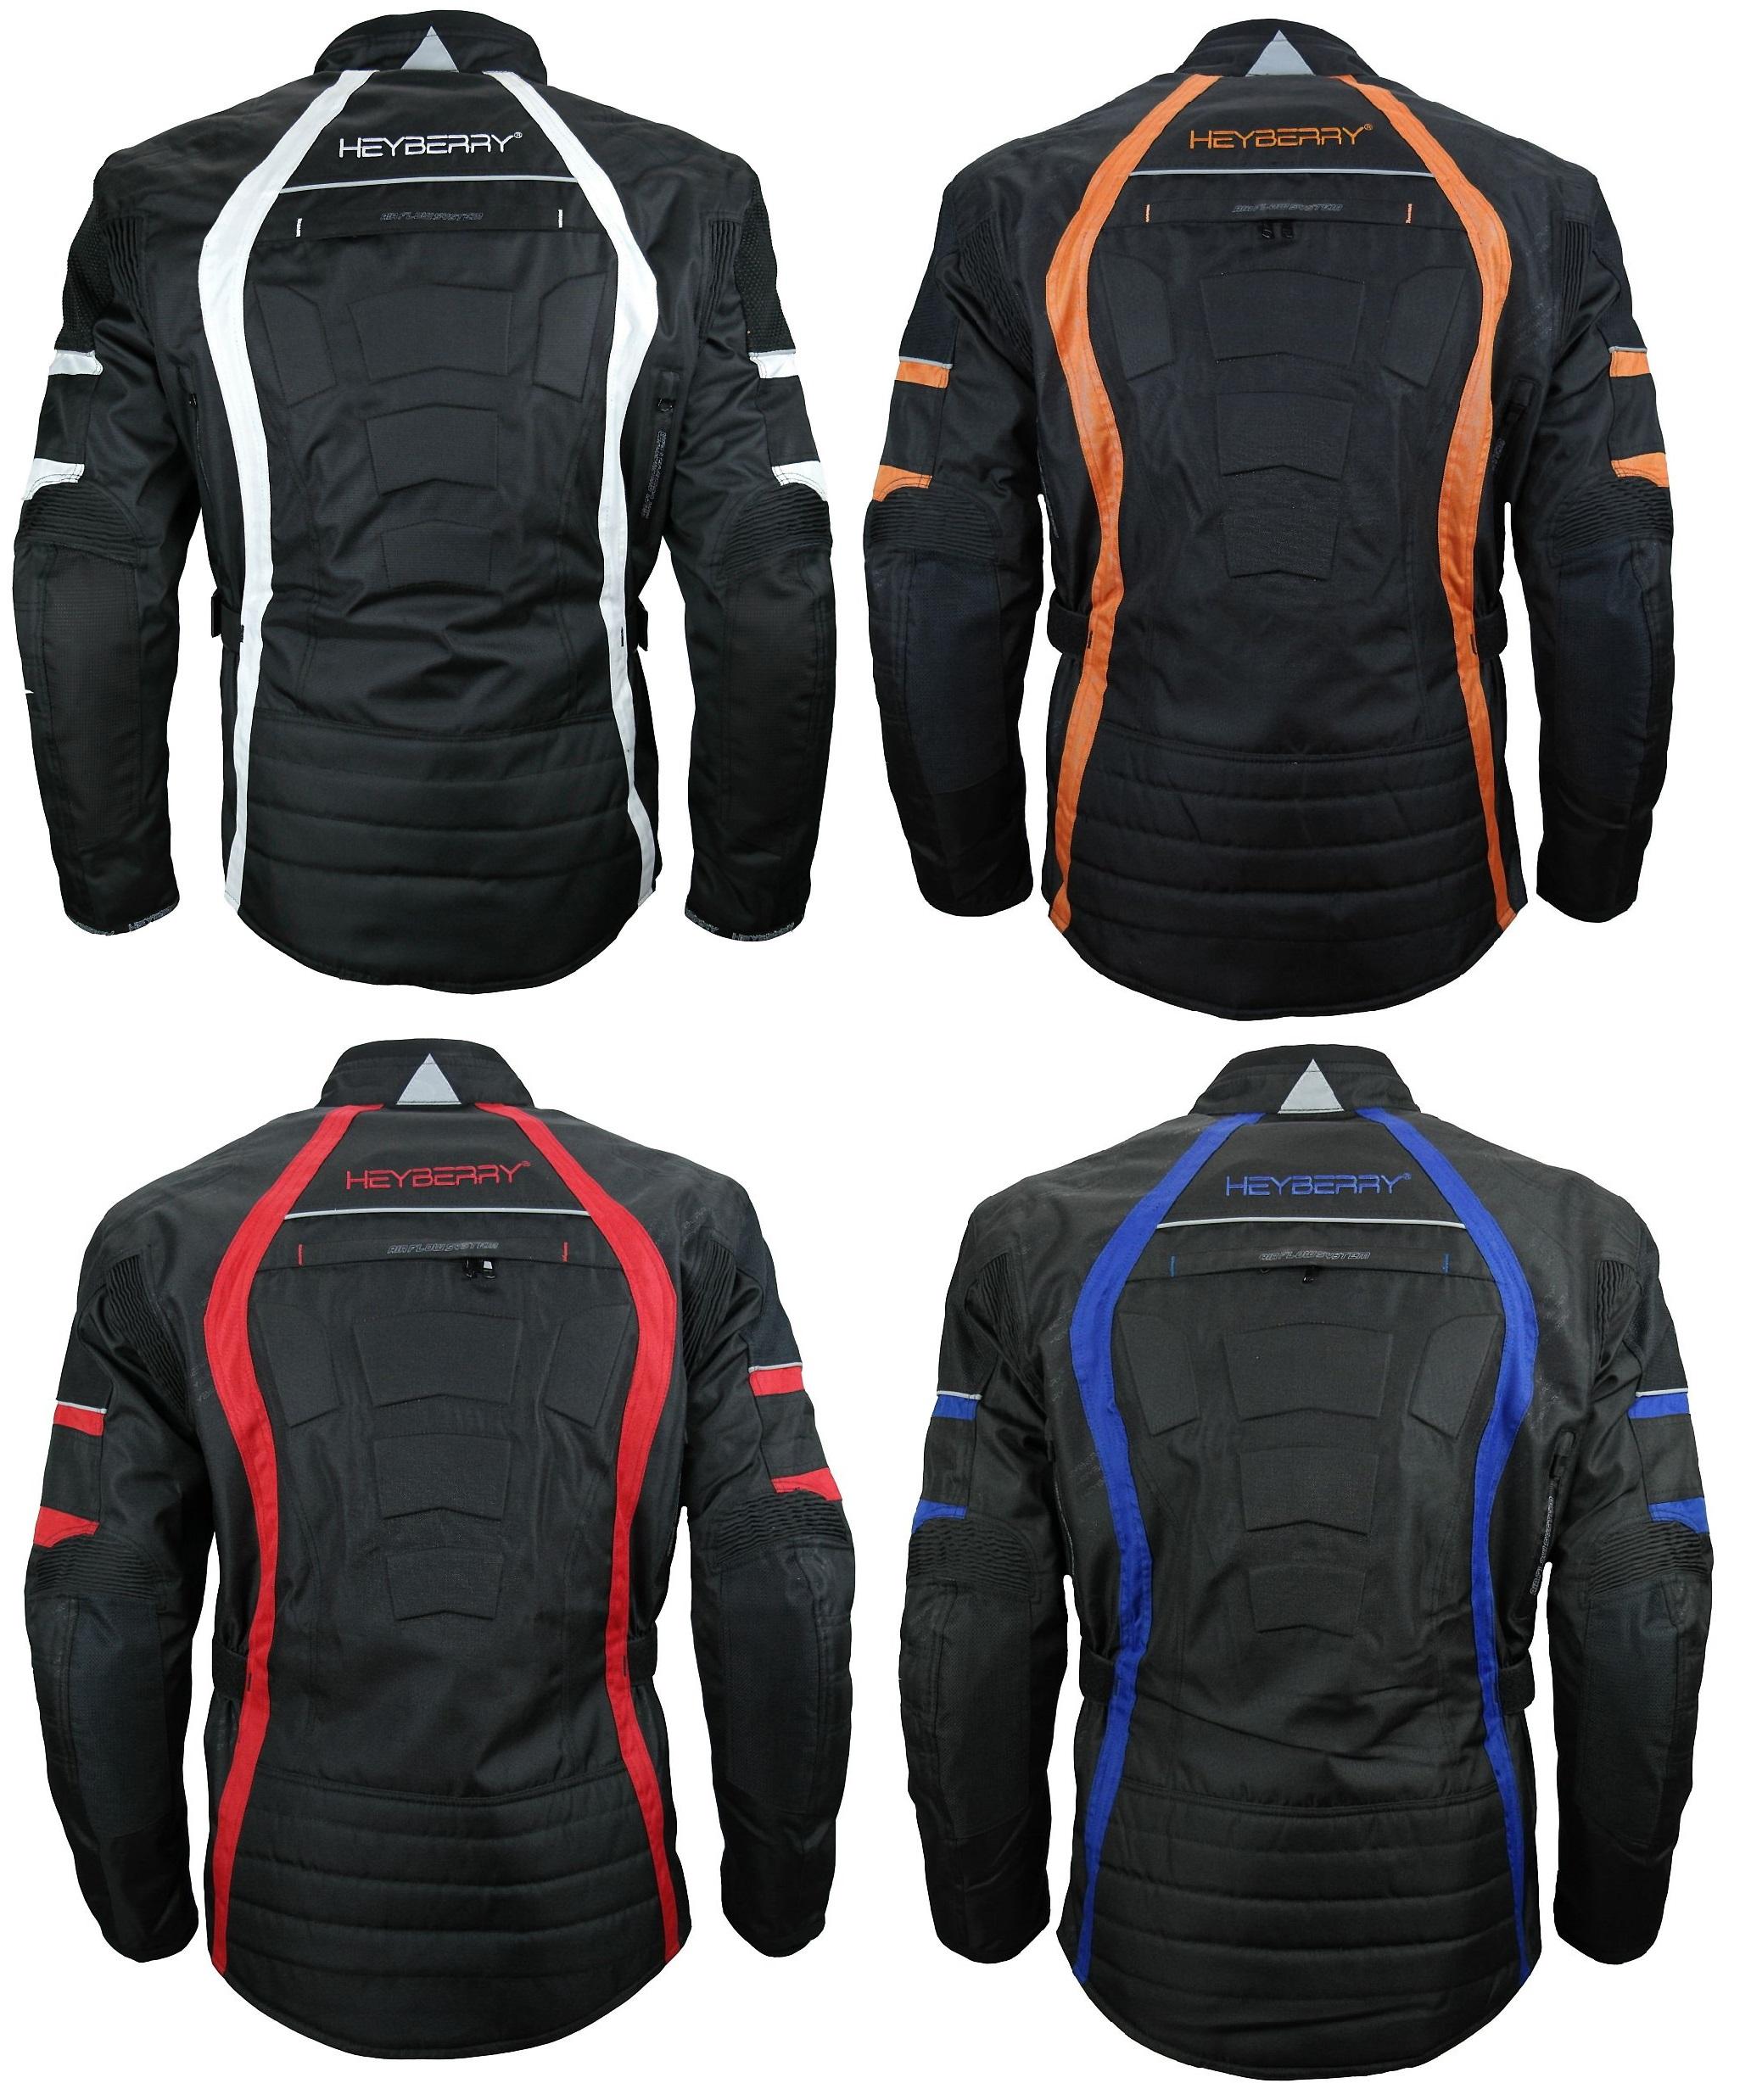 Details zu Heyberry Touren Motorradjacke Roller Motorrad Jacke Textil Gr. M bis 7XL